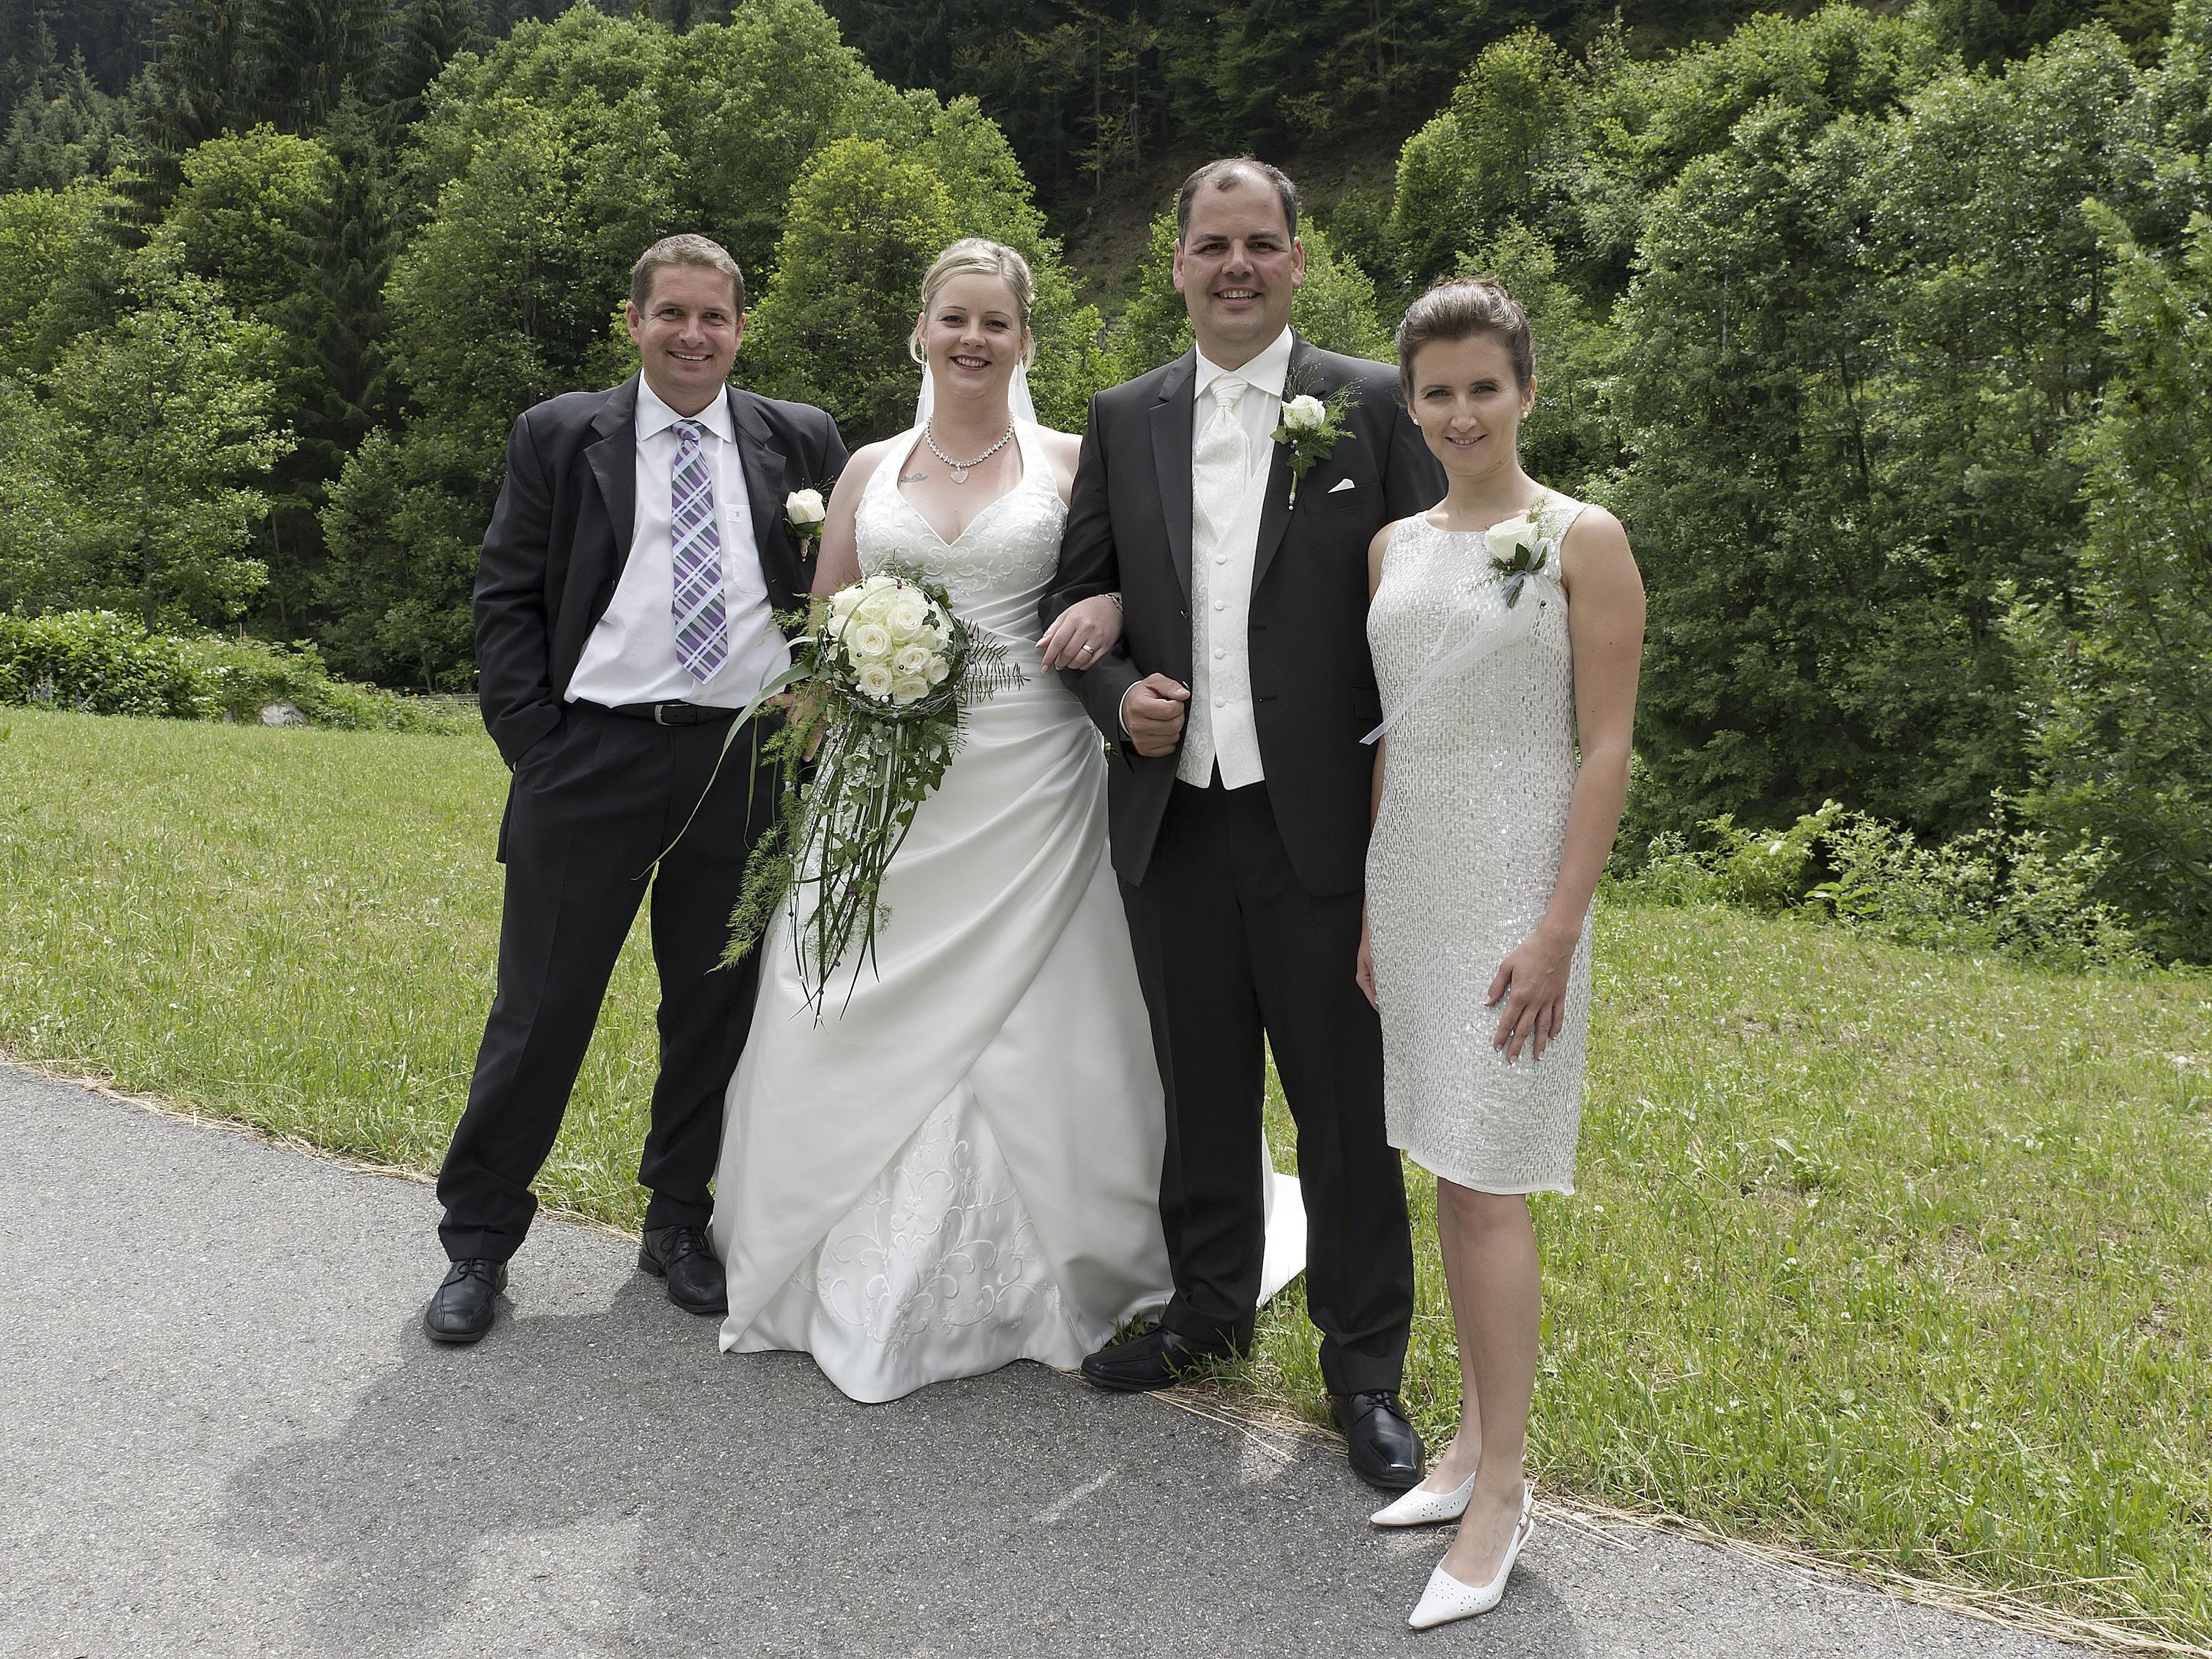 Melanie Themel und Markus Durig mit den Trauzeugen Sabine Burger und Thomas Ringer.